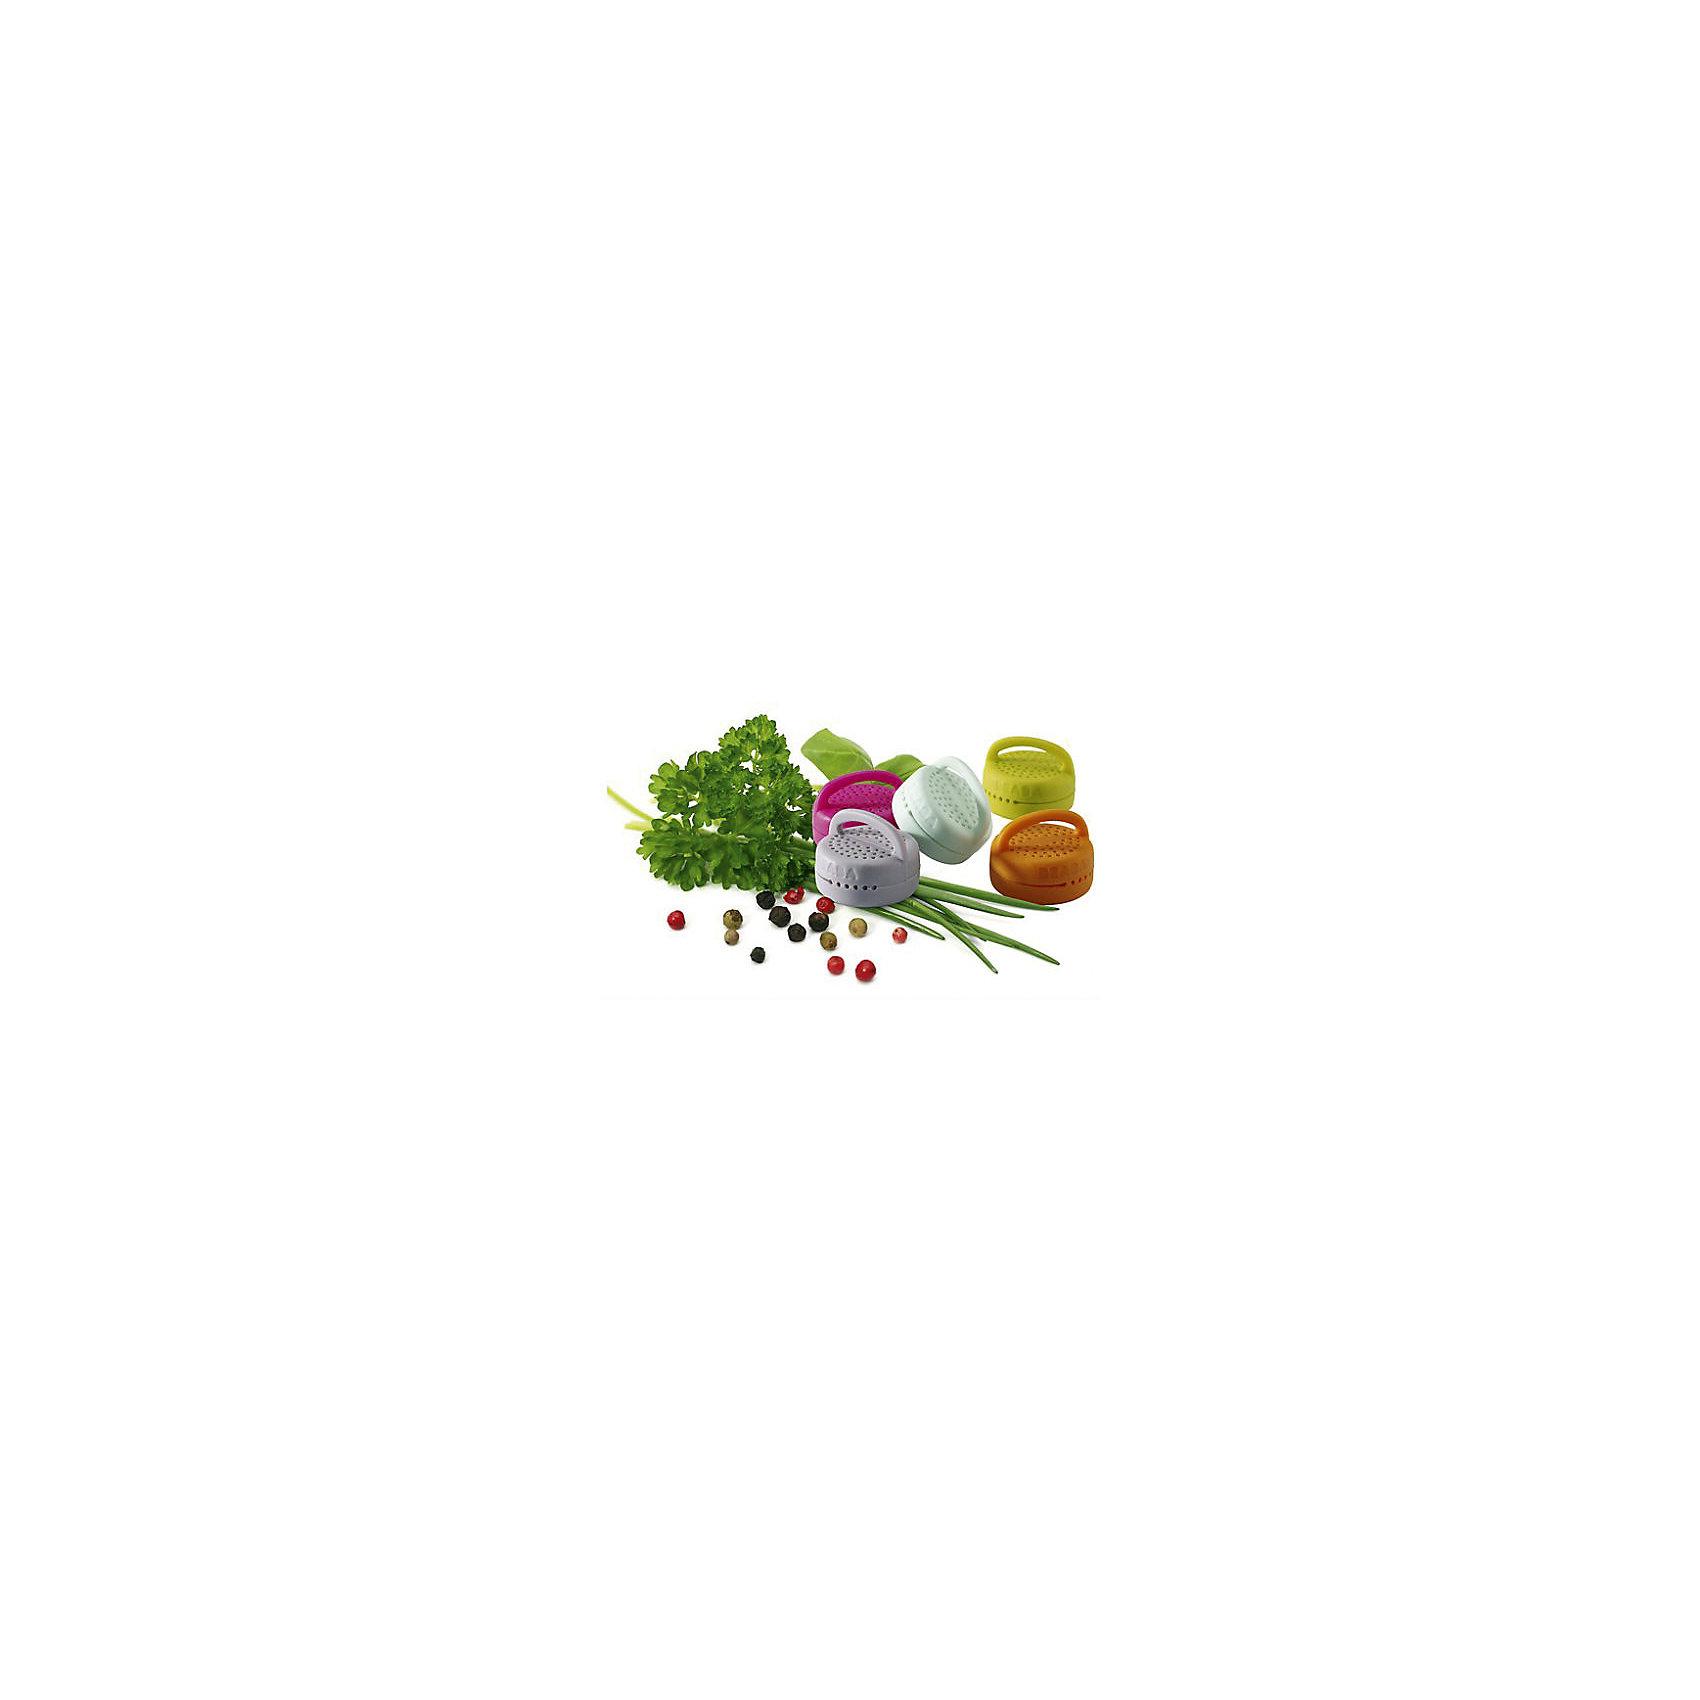 Силиконовый контейнер для специй, BeabaСиликоновый контейнер для специй, Beaba, прекрасно подойдет для приготовления детских блюд и хранения специй. Различные специи и ароматные травы расширяют вкус малыша и обогащают блюда полезными витаминами и микроэлементами. В удобный компактный контейнер можно положить любые специи и травы и при приготовлении пищи поместить емкость прямо на продукты или опустить в бульон. Маленькие отверстия в контейнере не позволят мелким частицам приправы проникнуть в еду и ребенок не сможет ими подавиться. При этом все полезные вещества от приправы попадут в блюдо. В комплект входят два контейнера.<br><br>Дополнительная информация:<br><br>- В комплекте: 2 контейнера.<br>- Материал: силикон.<br>- Размер контейнера: 4 х 4 х 2,5 см. <br>- Размер упаковки: 20 x 12 x 4 см.<br>- Вес: 70 гр.<br><br>Силиконовый контейнер для специй, Beaba, можно купить в нашем интернет-магазине.<br><br>Ширина мм: 120<br>Глубина мм: 40<br>Высота мм: 200<br>Вес г: 70<br>Возраст от месяцев: 4<br>Возраст до месяцев: 36<br>Пол: Унисекс<br>Возраст: Детский<br>SKU: 4389021